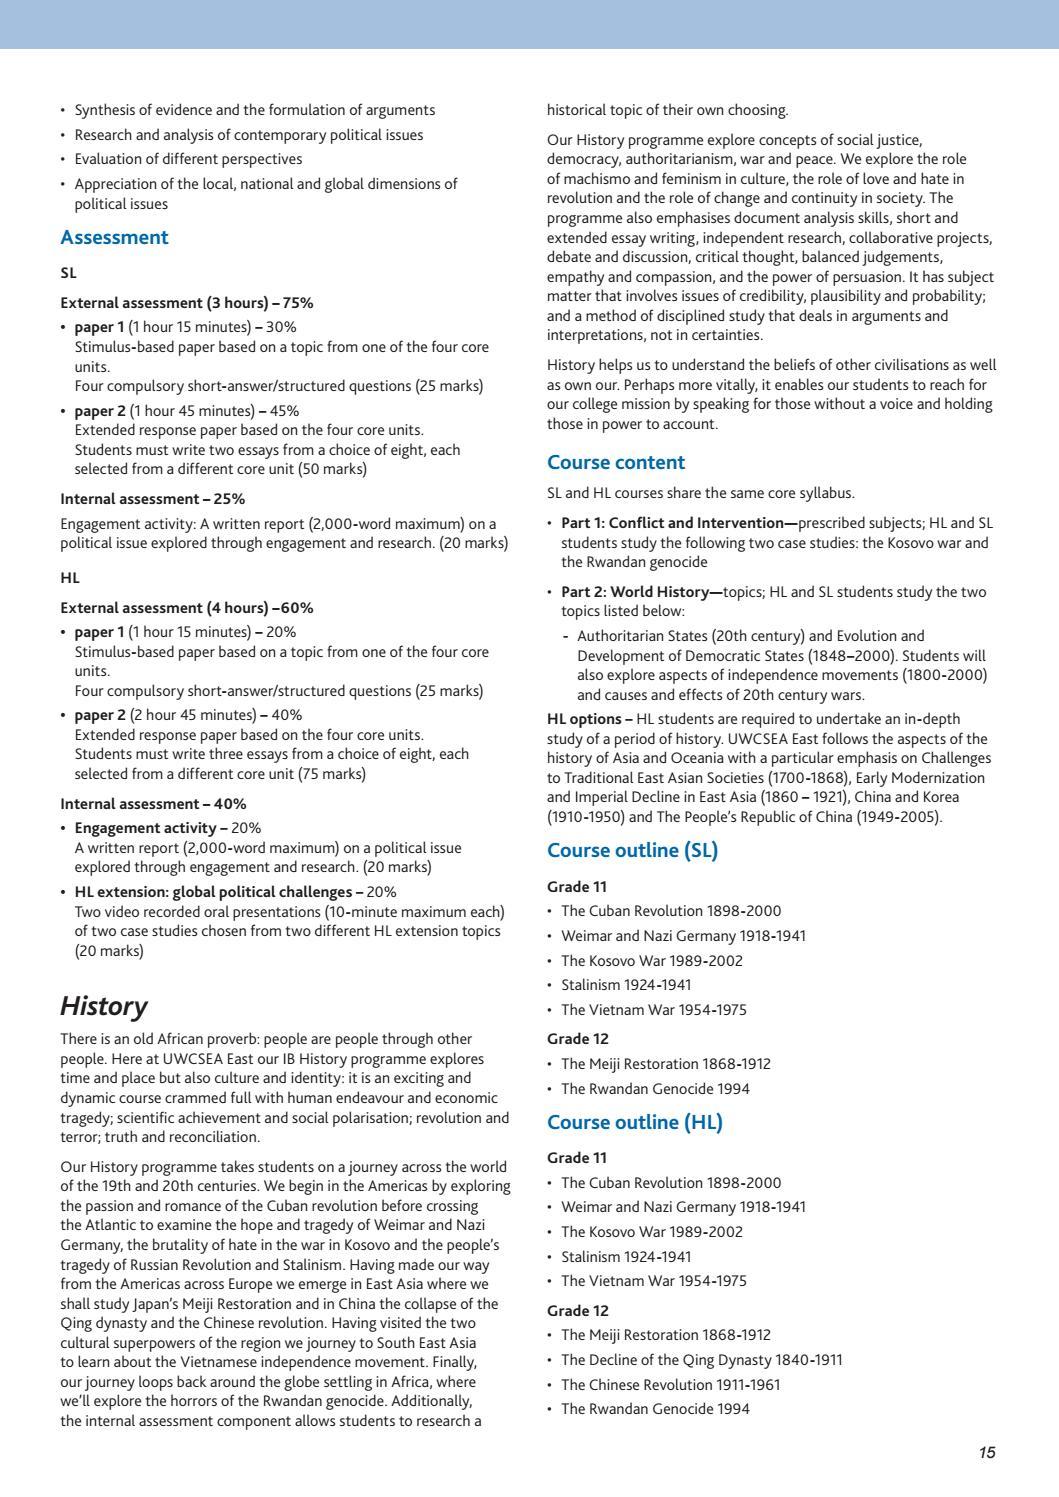 sinhala essays for grade 11